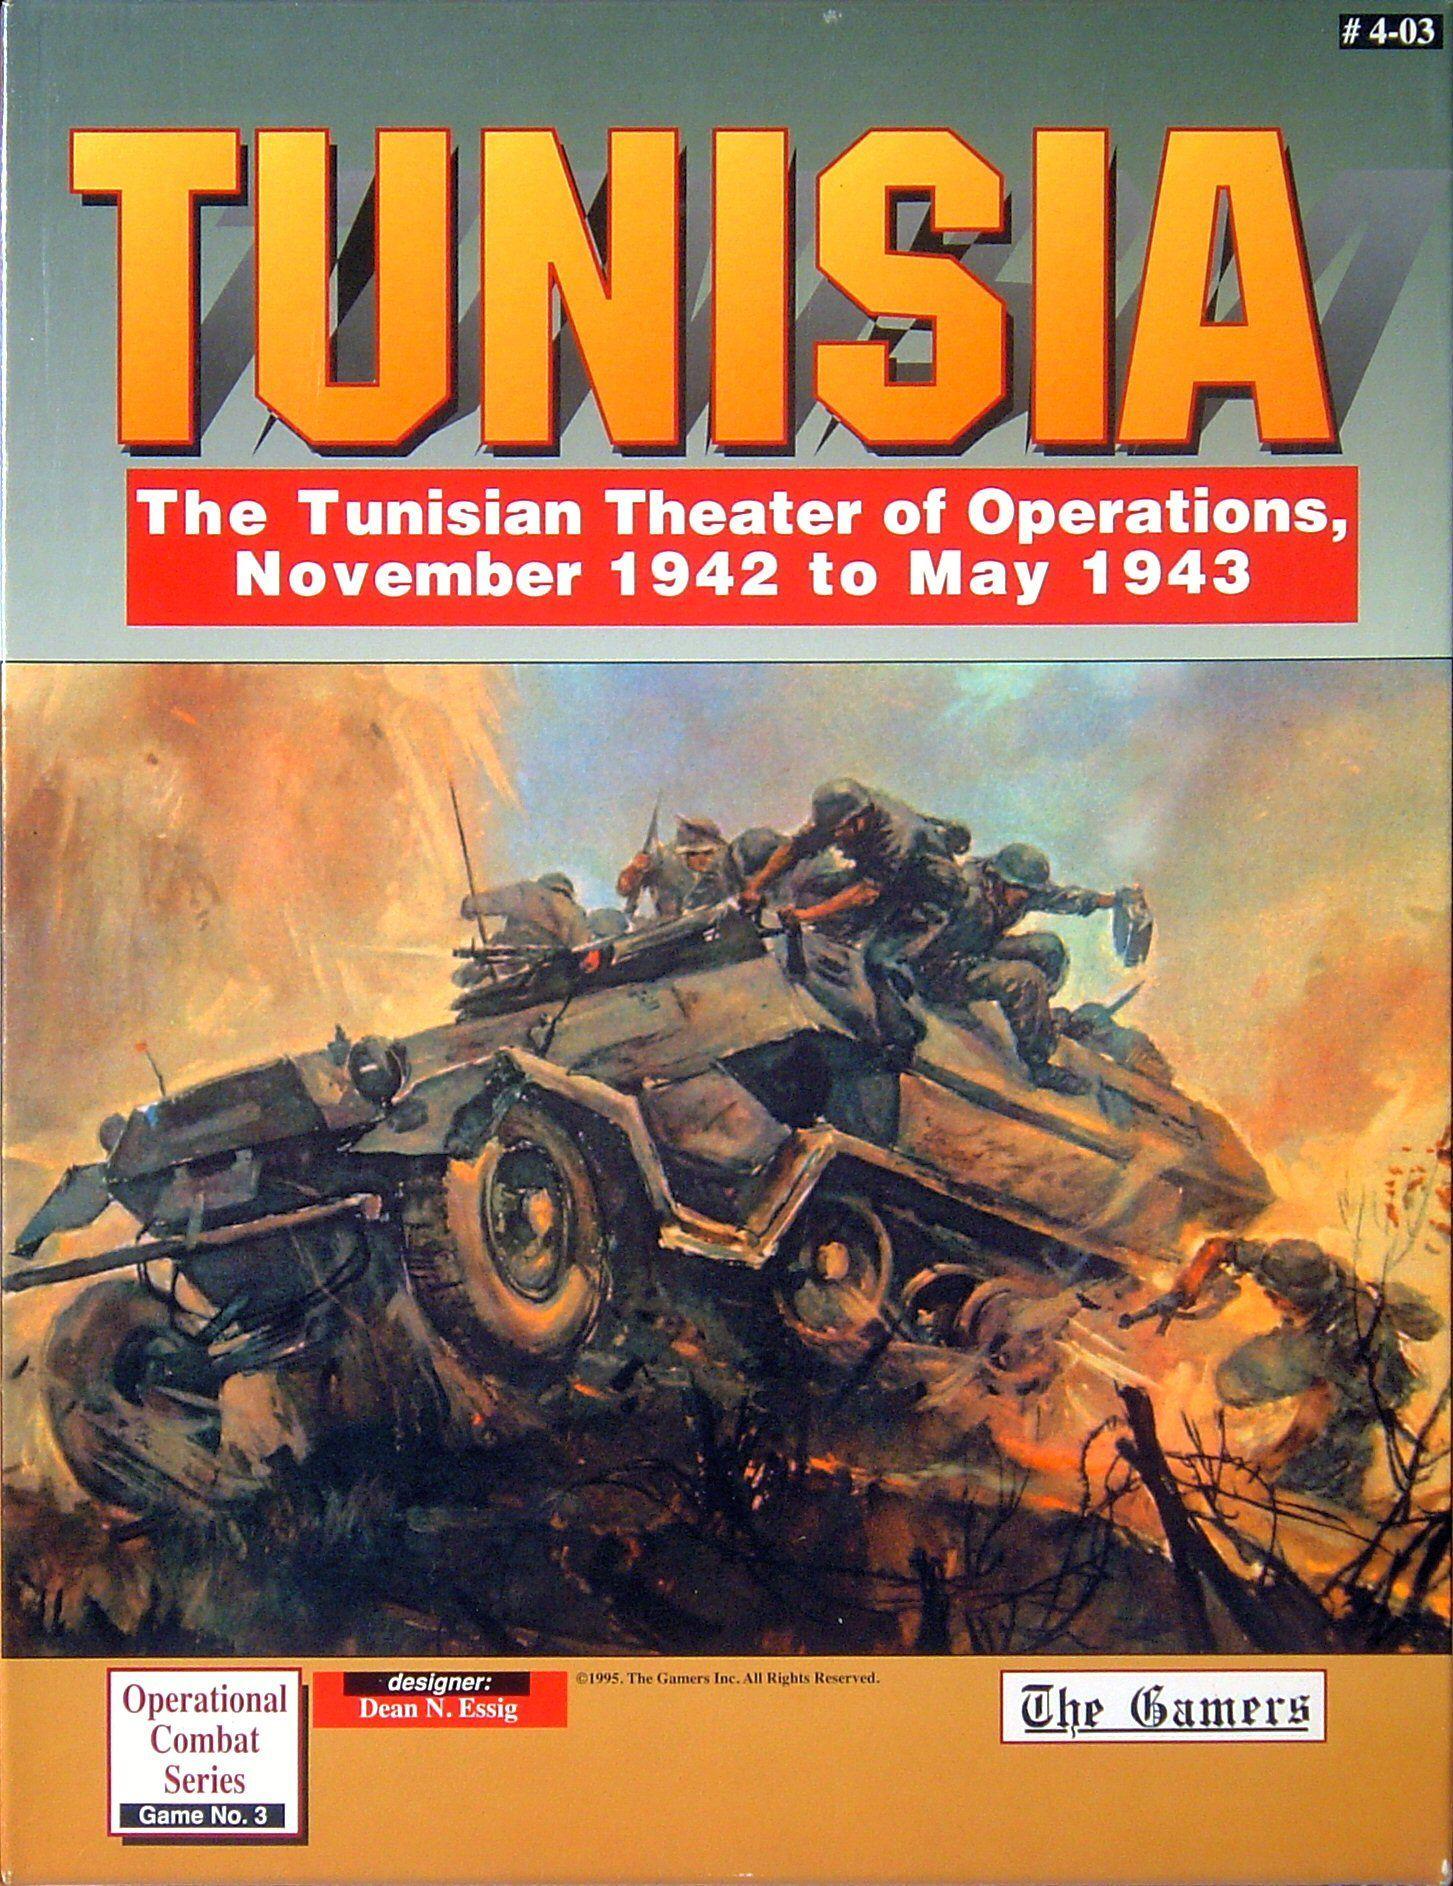 Main image for Tunisia